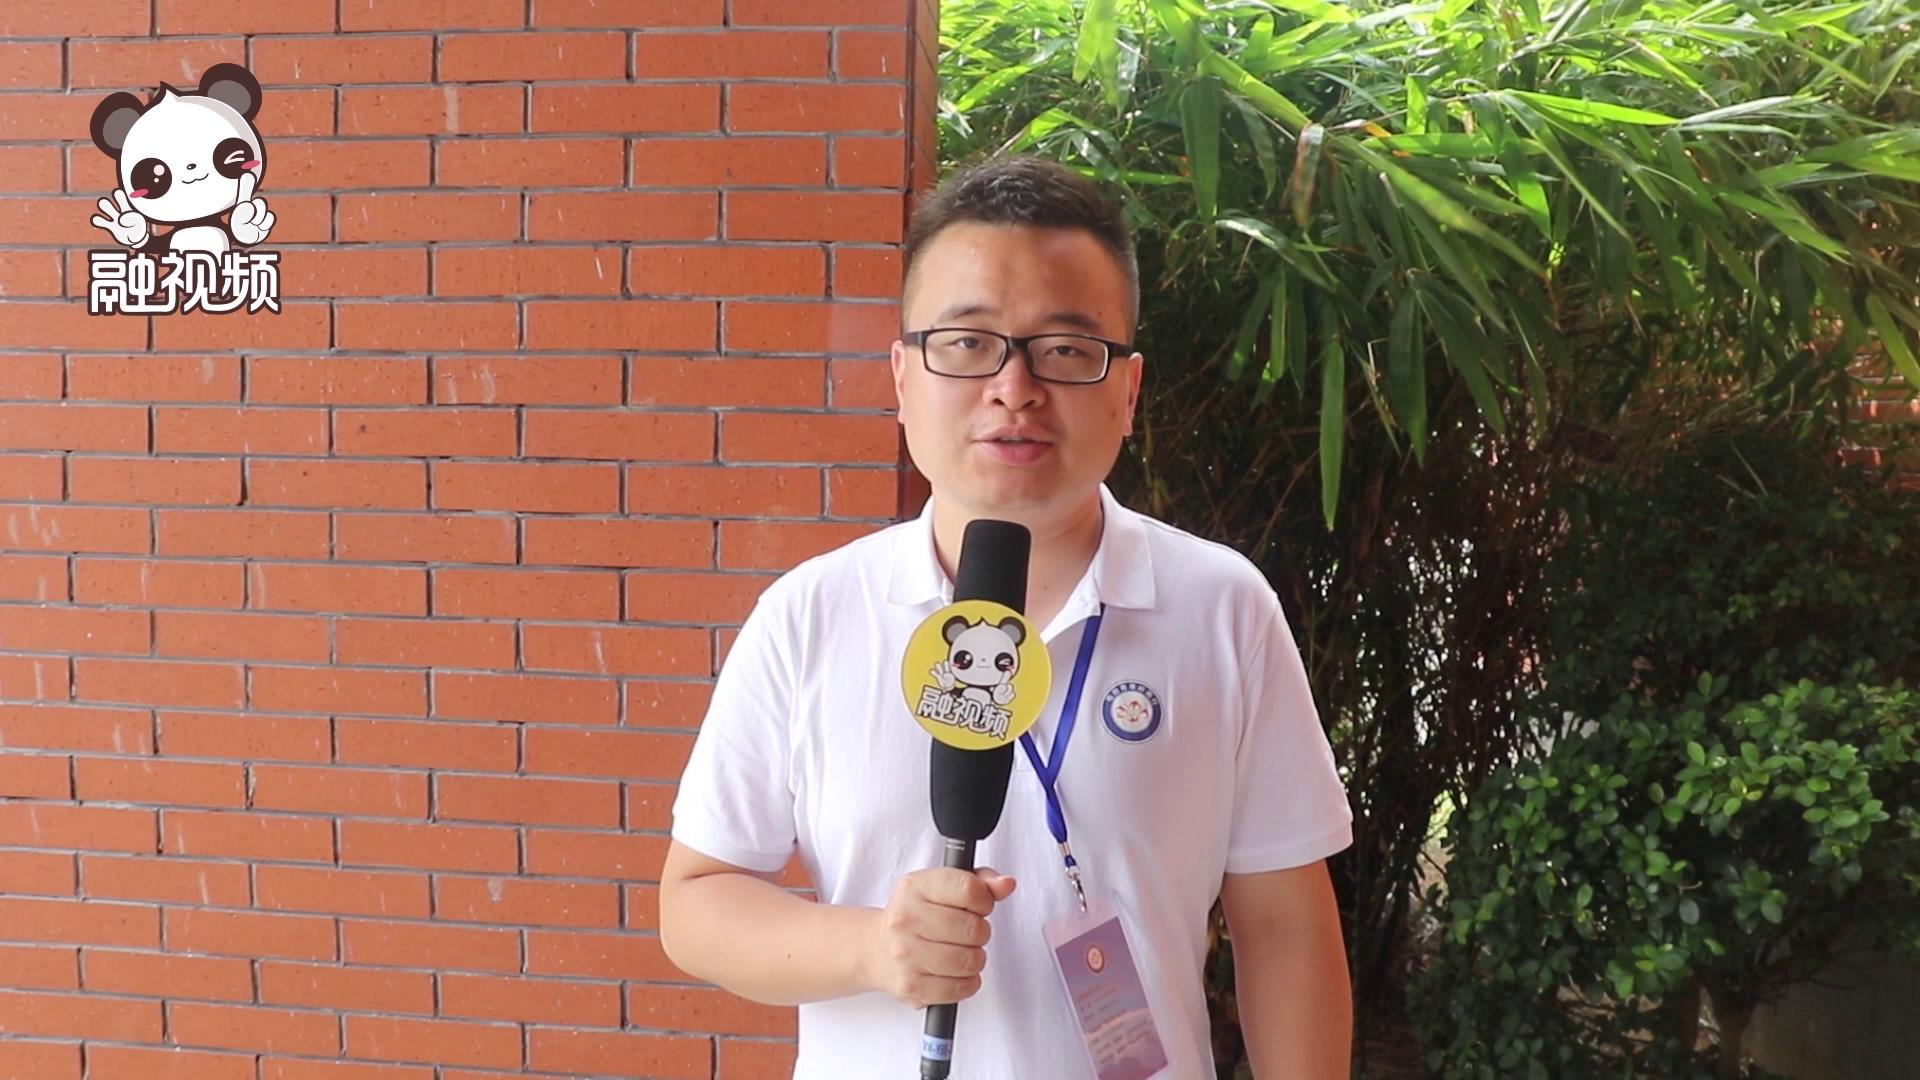 廣州中醫藥大學團委老師談活動感受圖片